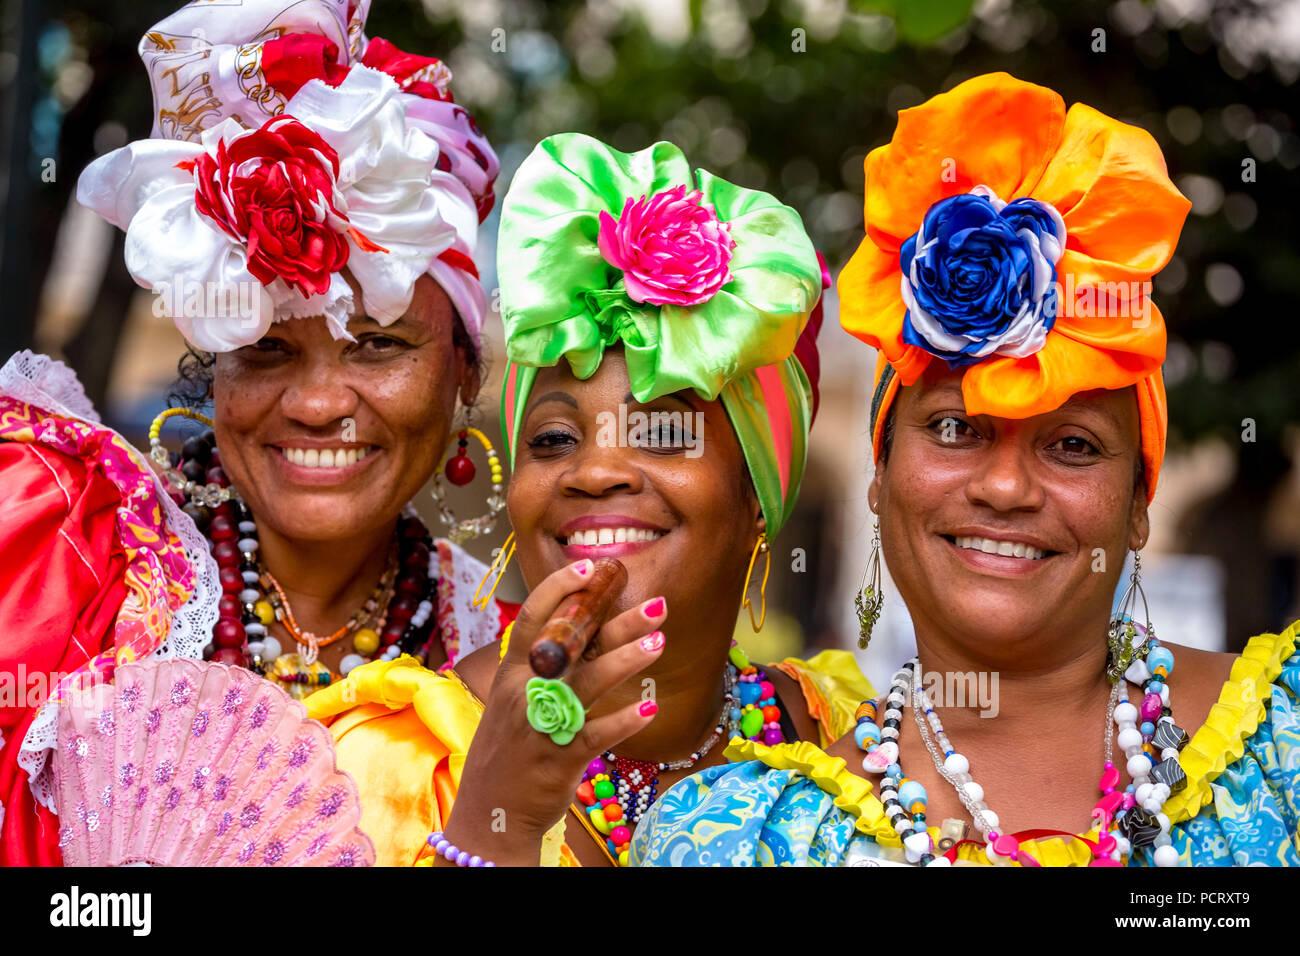 Tres bellezas cubanas en las calles de La Habana Vieja con sus coloridos trajes de estilo español, La Habana, Cuba, el Caribe, América Central, La Habana, Cuba Foto de stock